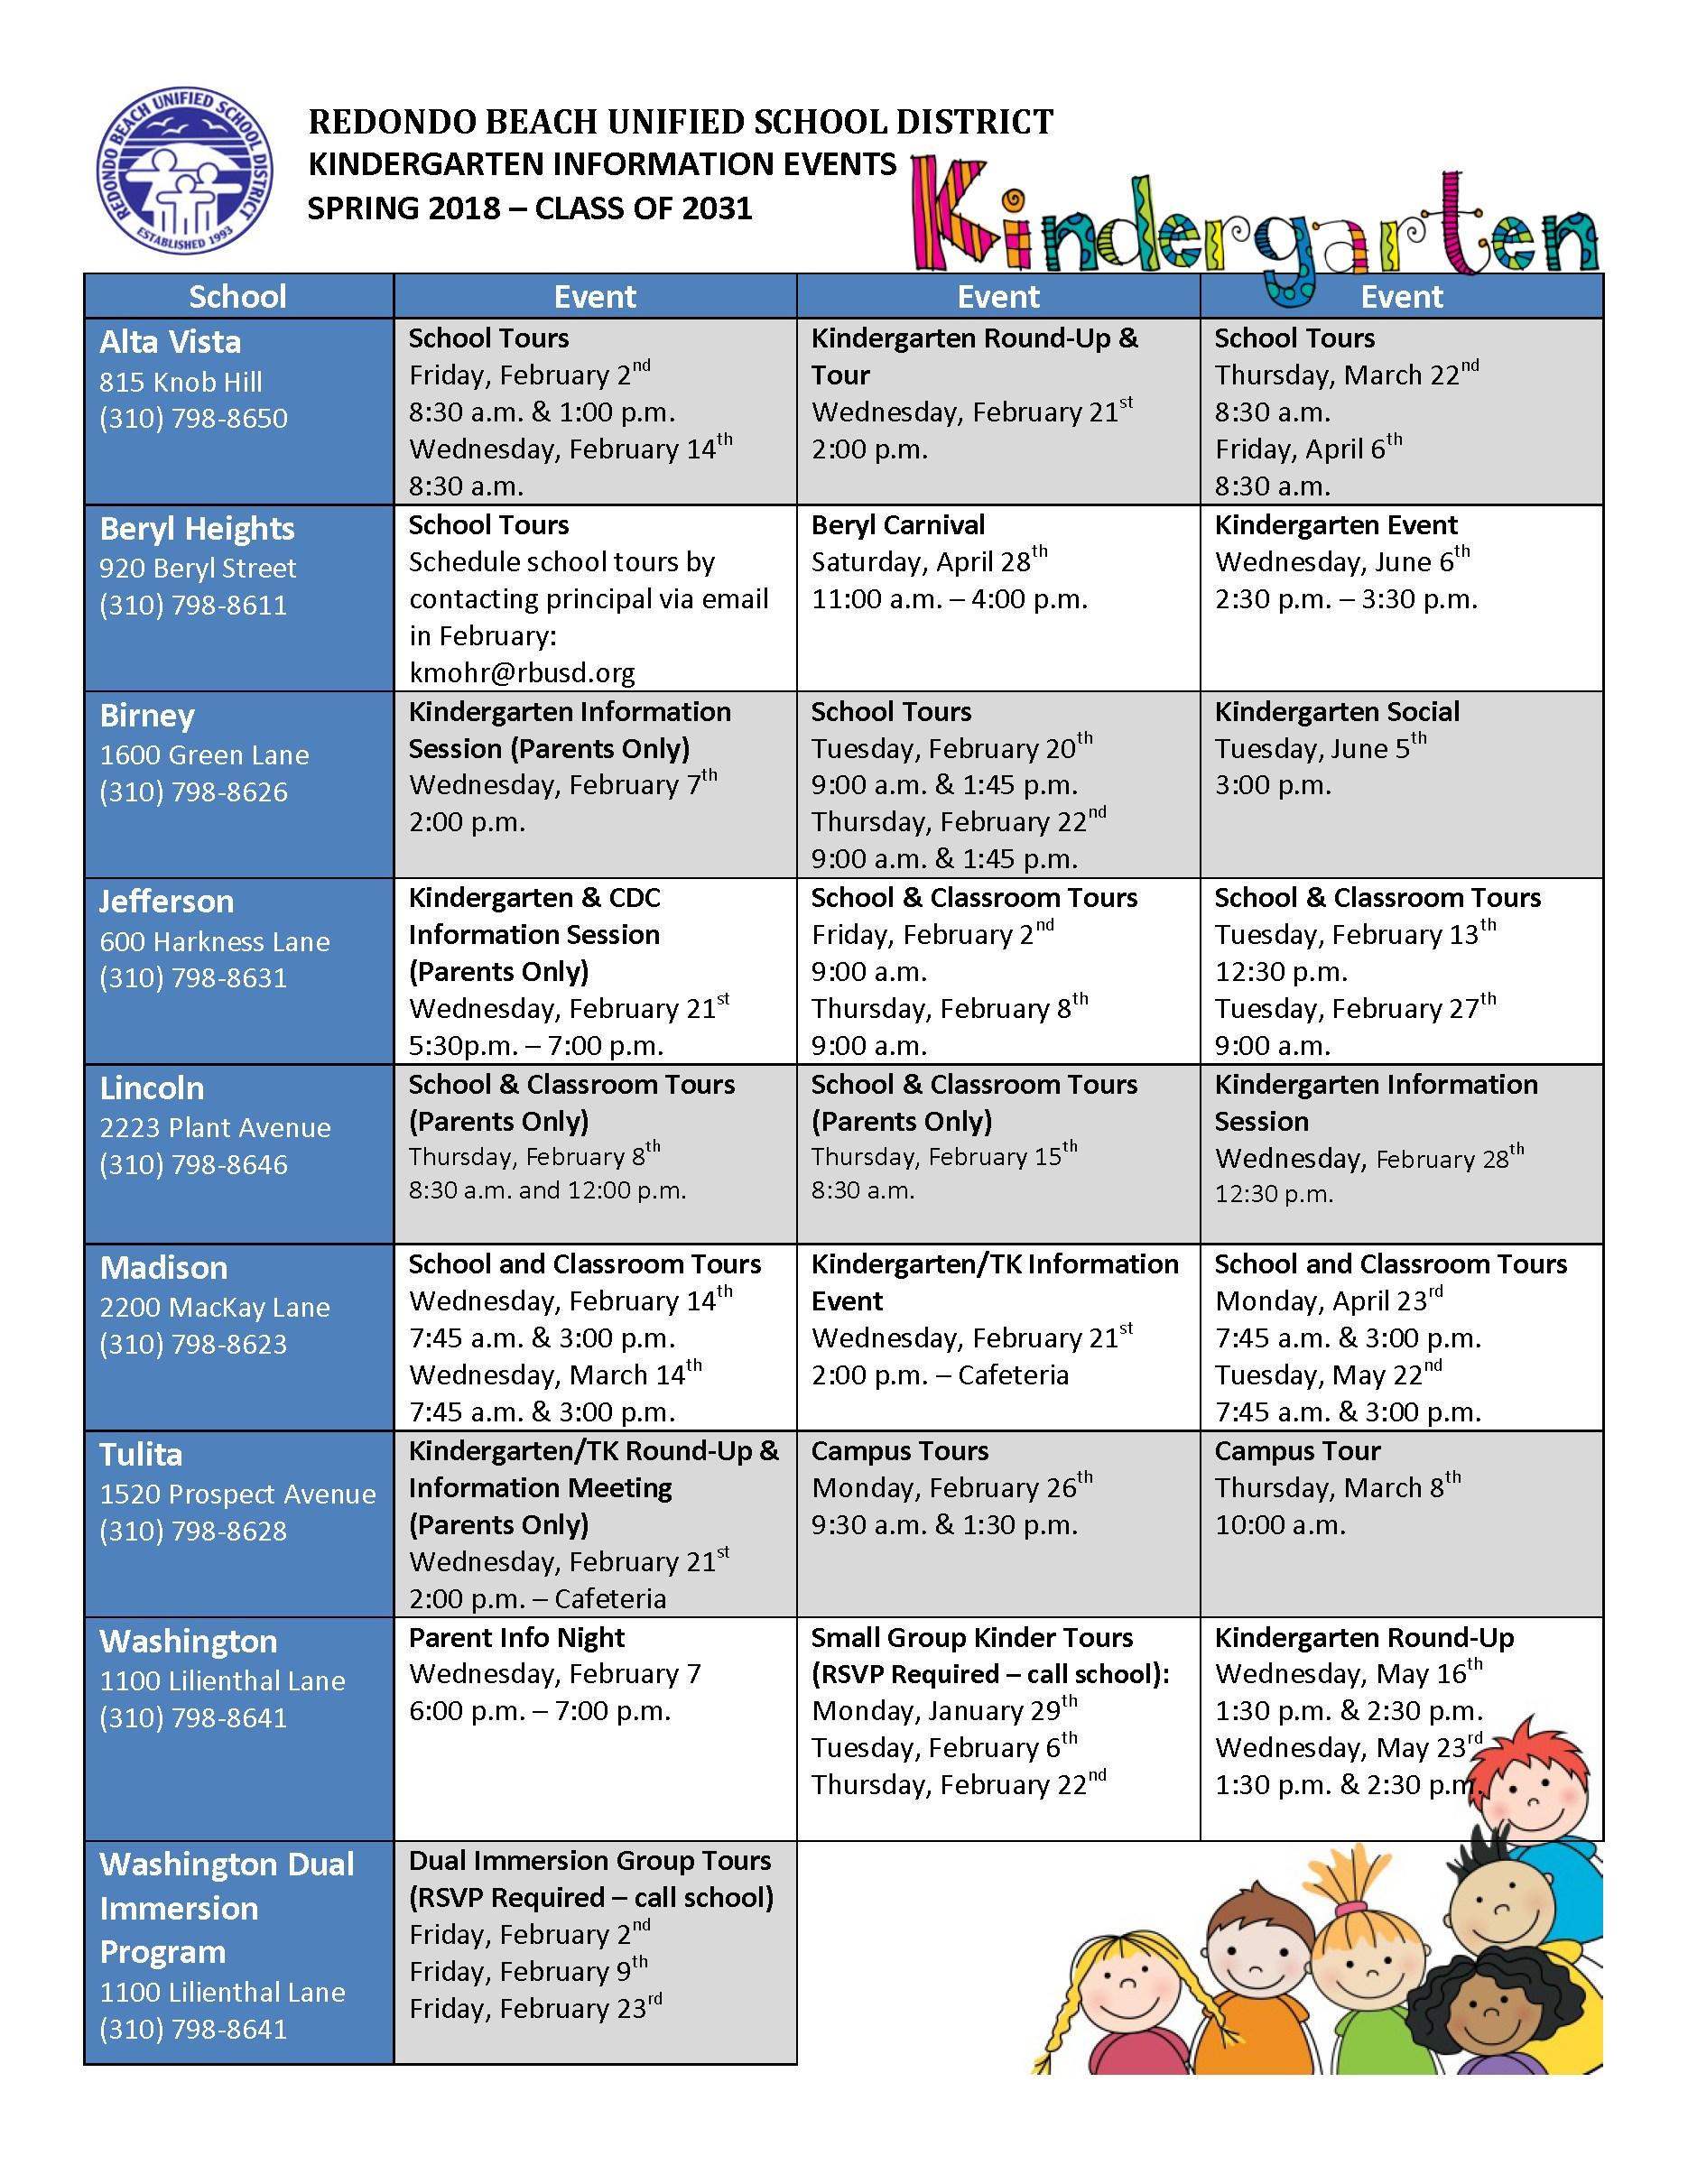 eqLcRQP6GEEvexAlmXeHdLF8mXIoszgHJxeTjAxh5WewXnL2 - Transitional Kindergarten Curriculum